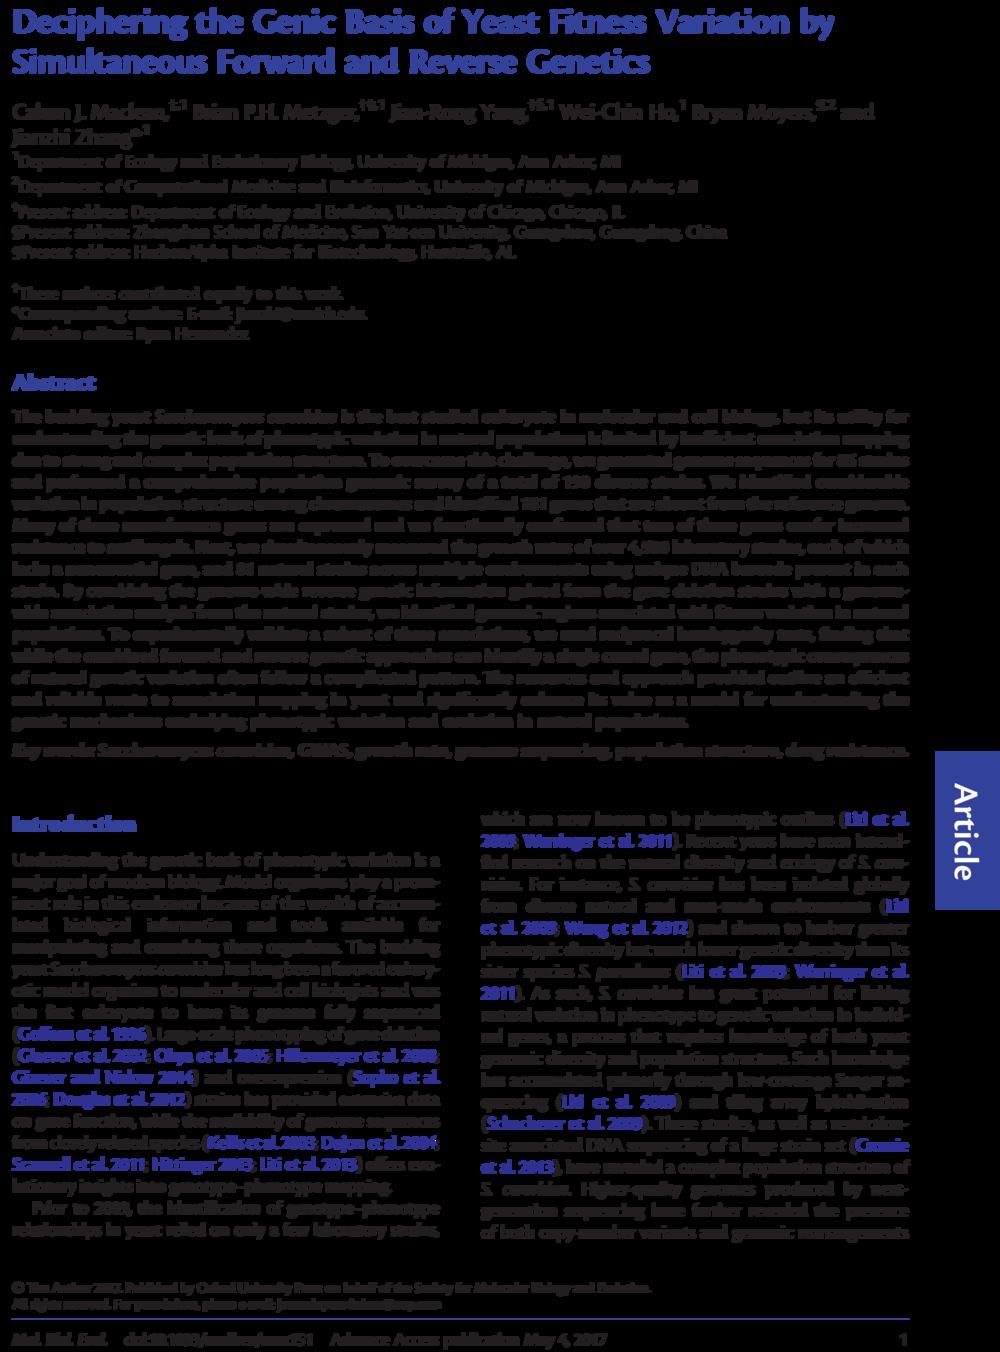 Maclean, Metzger, Yang et al. 2017. MBE Page-1.png